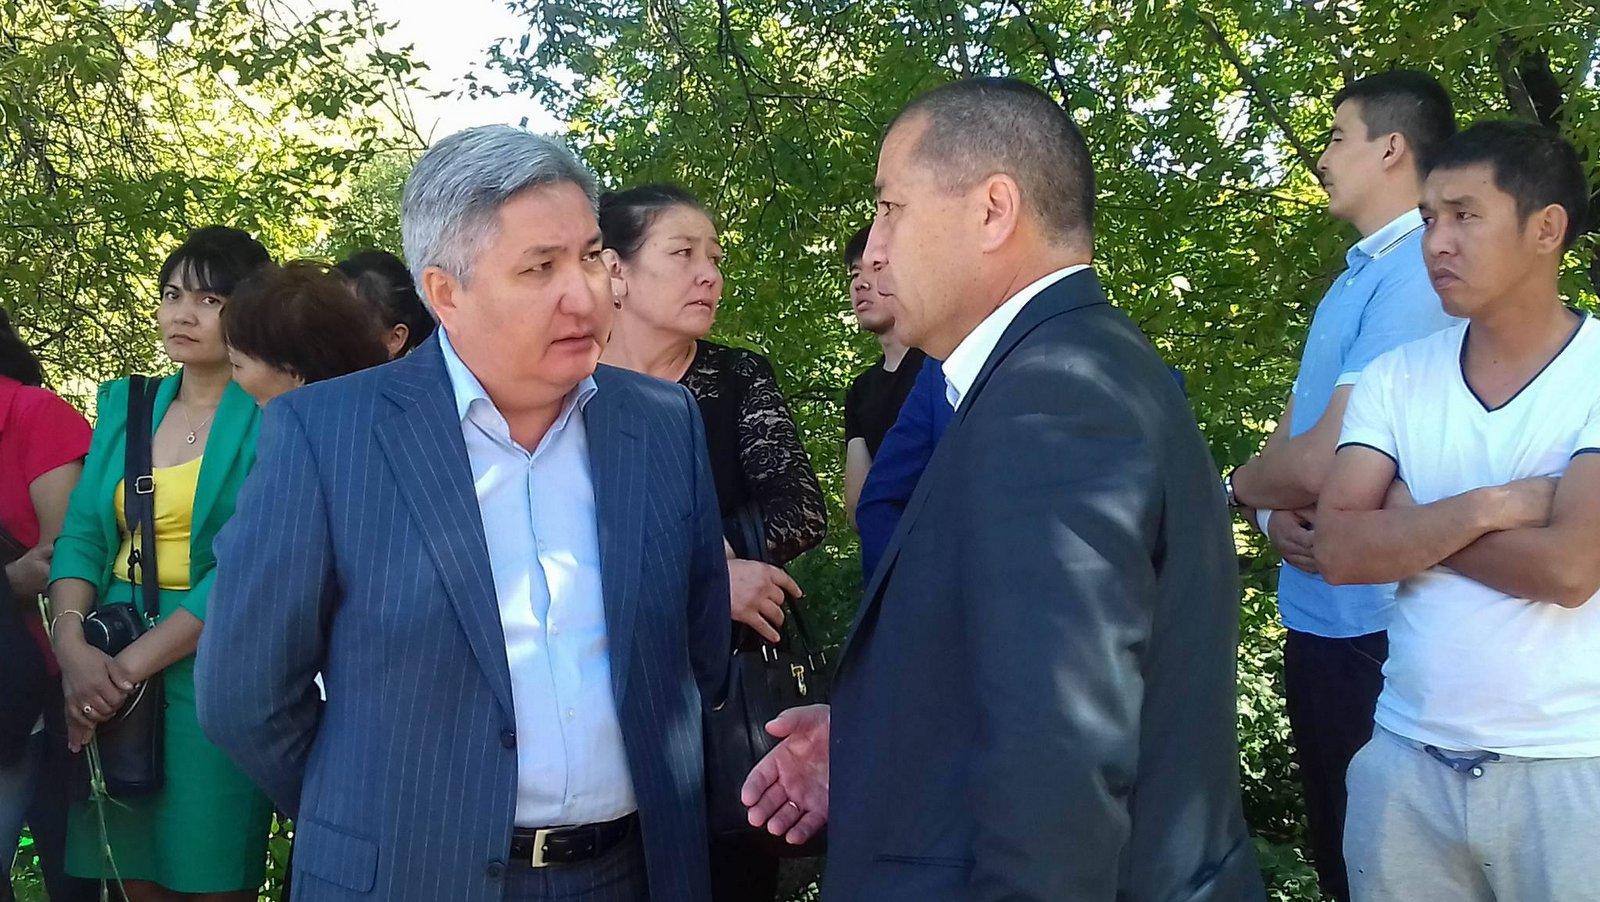 Посол Болот Отунбаев (слева) терпеливо отвечал на вопросы участников акции скорби.